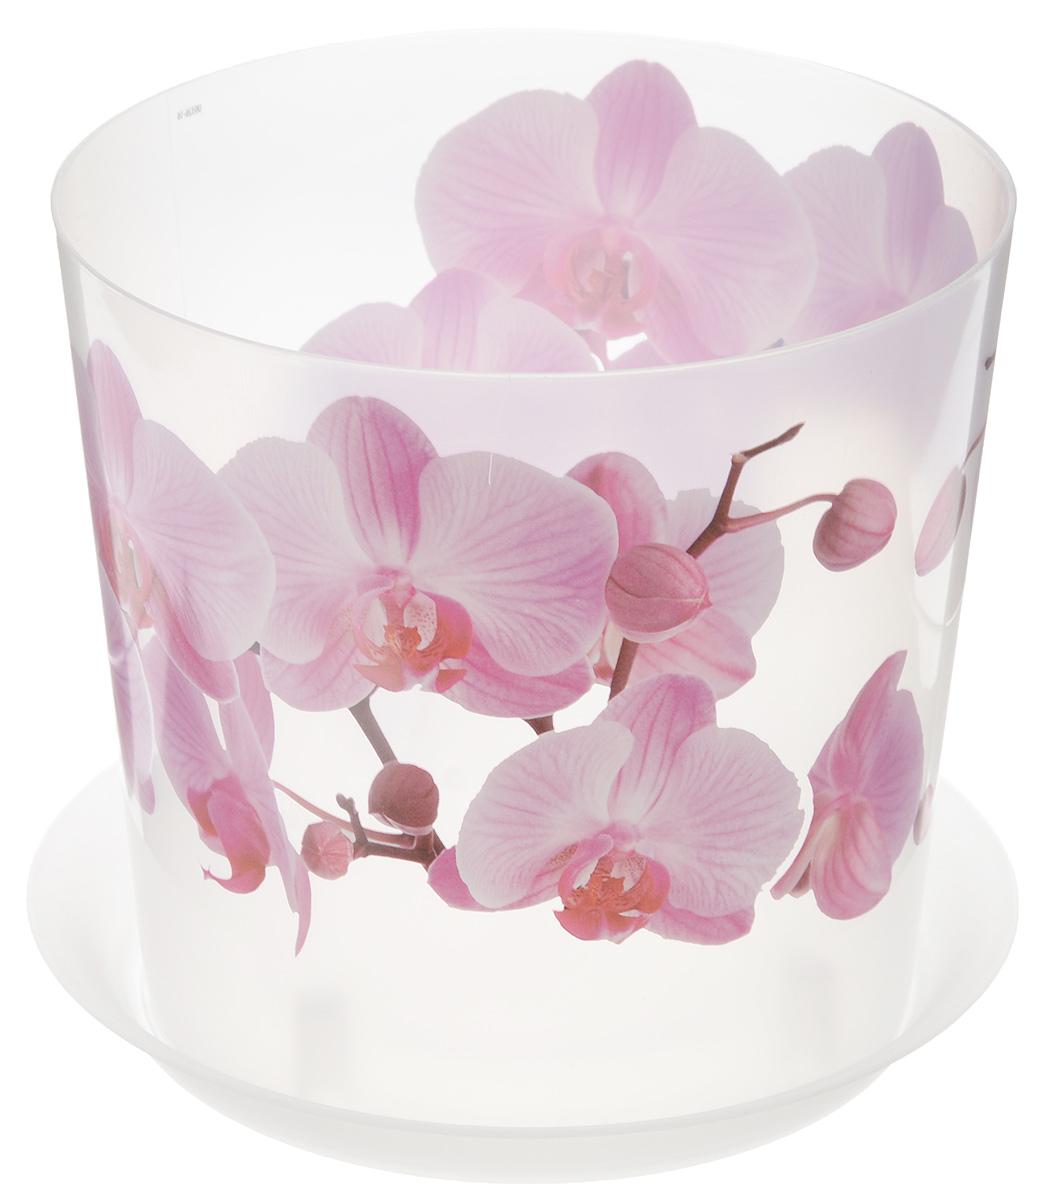 Кашпо Idea Деко, с подставкой, цвет: прозрачный, розовый, 2,4 лМ 3106Кашпо Idea Деко изготовлено из высококачественного полипропилена. Специальный поддон предназначен для стока воды. Изделие прекрасно подходит для выращивания растений и цветов в домашних условиях. Лаконичный дизайн впишется в интерьер любого помещения. Диаметр поддона: 17,5 см. Диаметр кашпо по верхнему краю: 16 см.Высота кашпо: 15 см.Объем кашпо: 2,4 л.